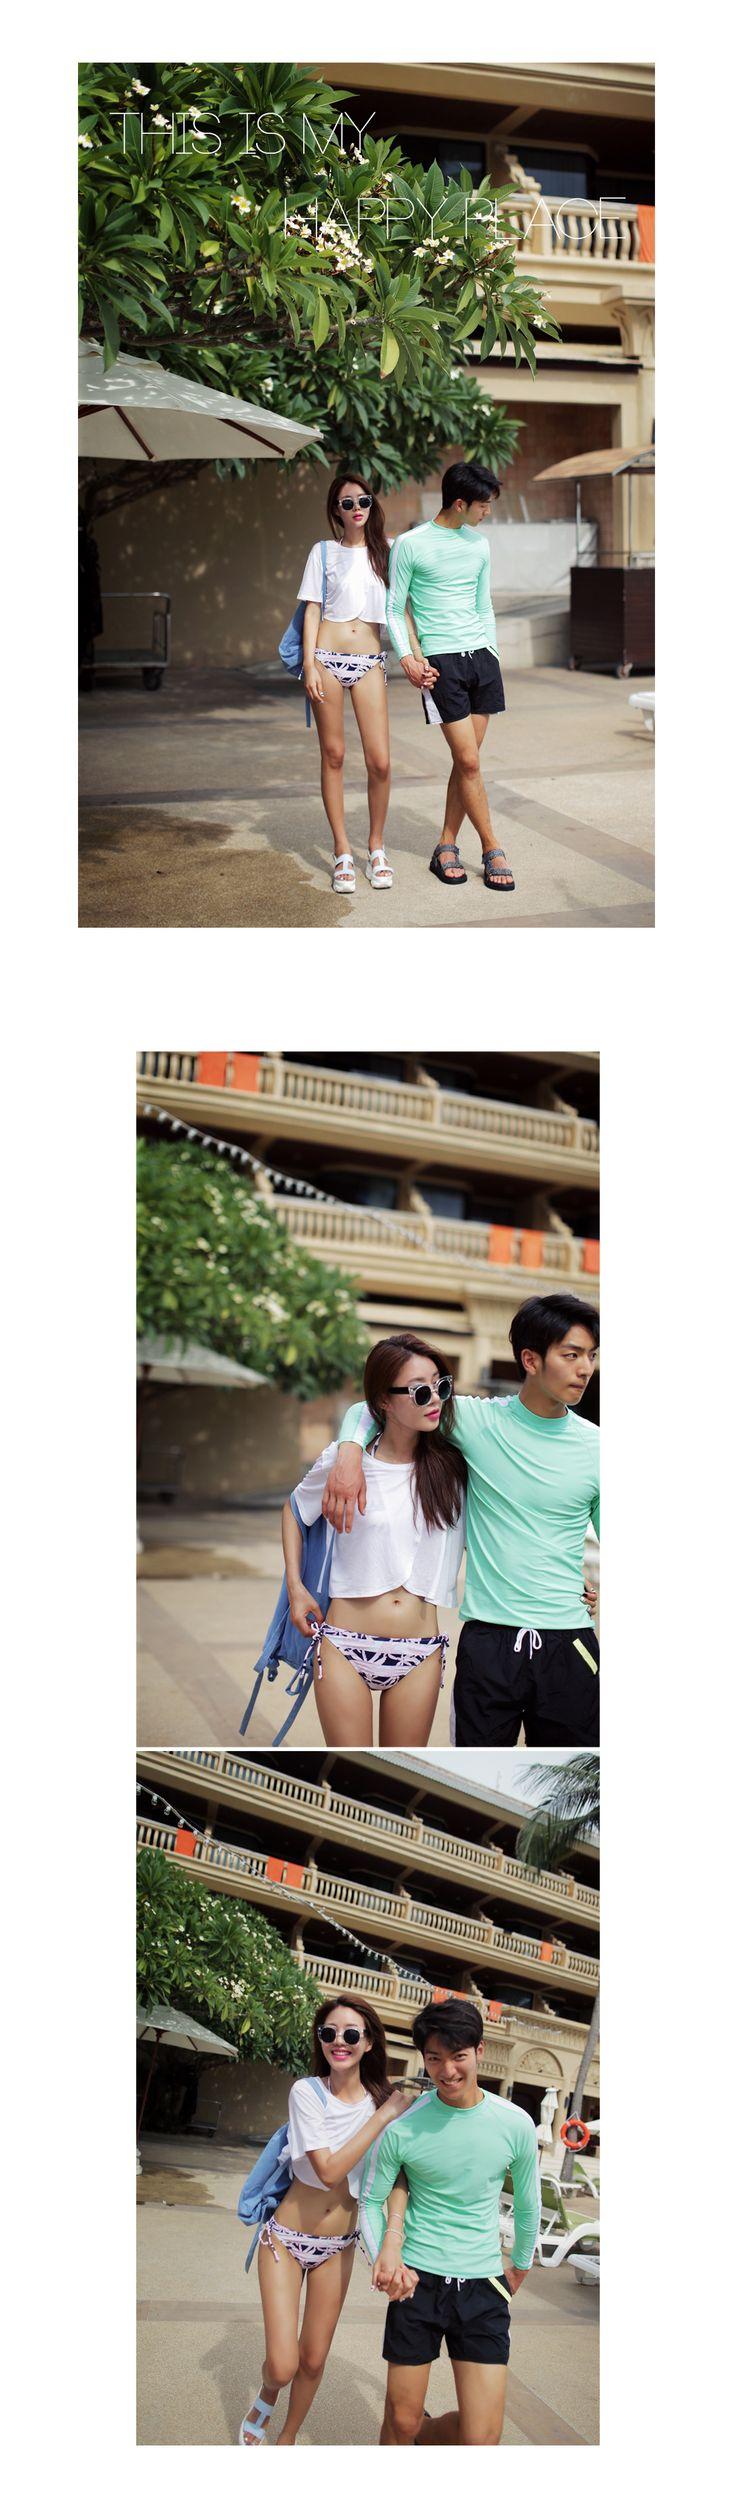 モノトーンスリットTシャツ・全2色トップス・カットソーカットソー・Tシャツ レディースファッション通販 DHOLICディーホリック [ファストファッション 水着 ワンピース]